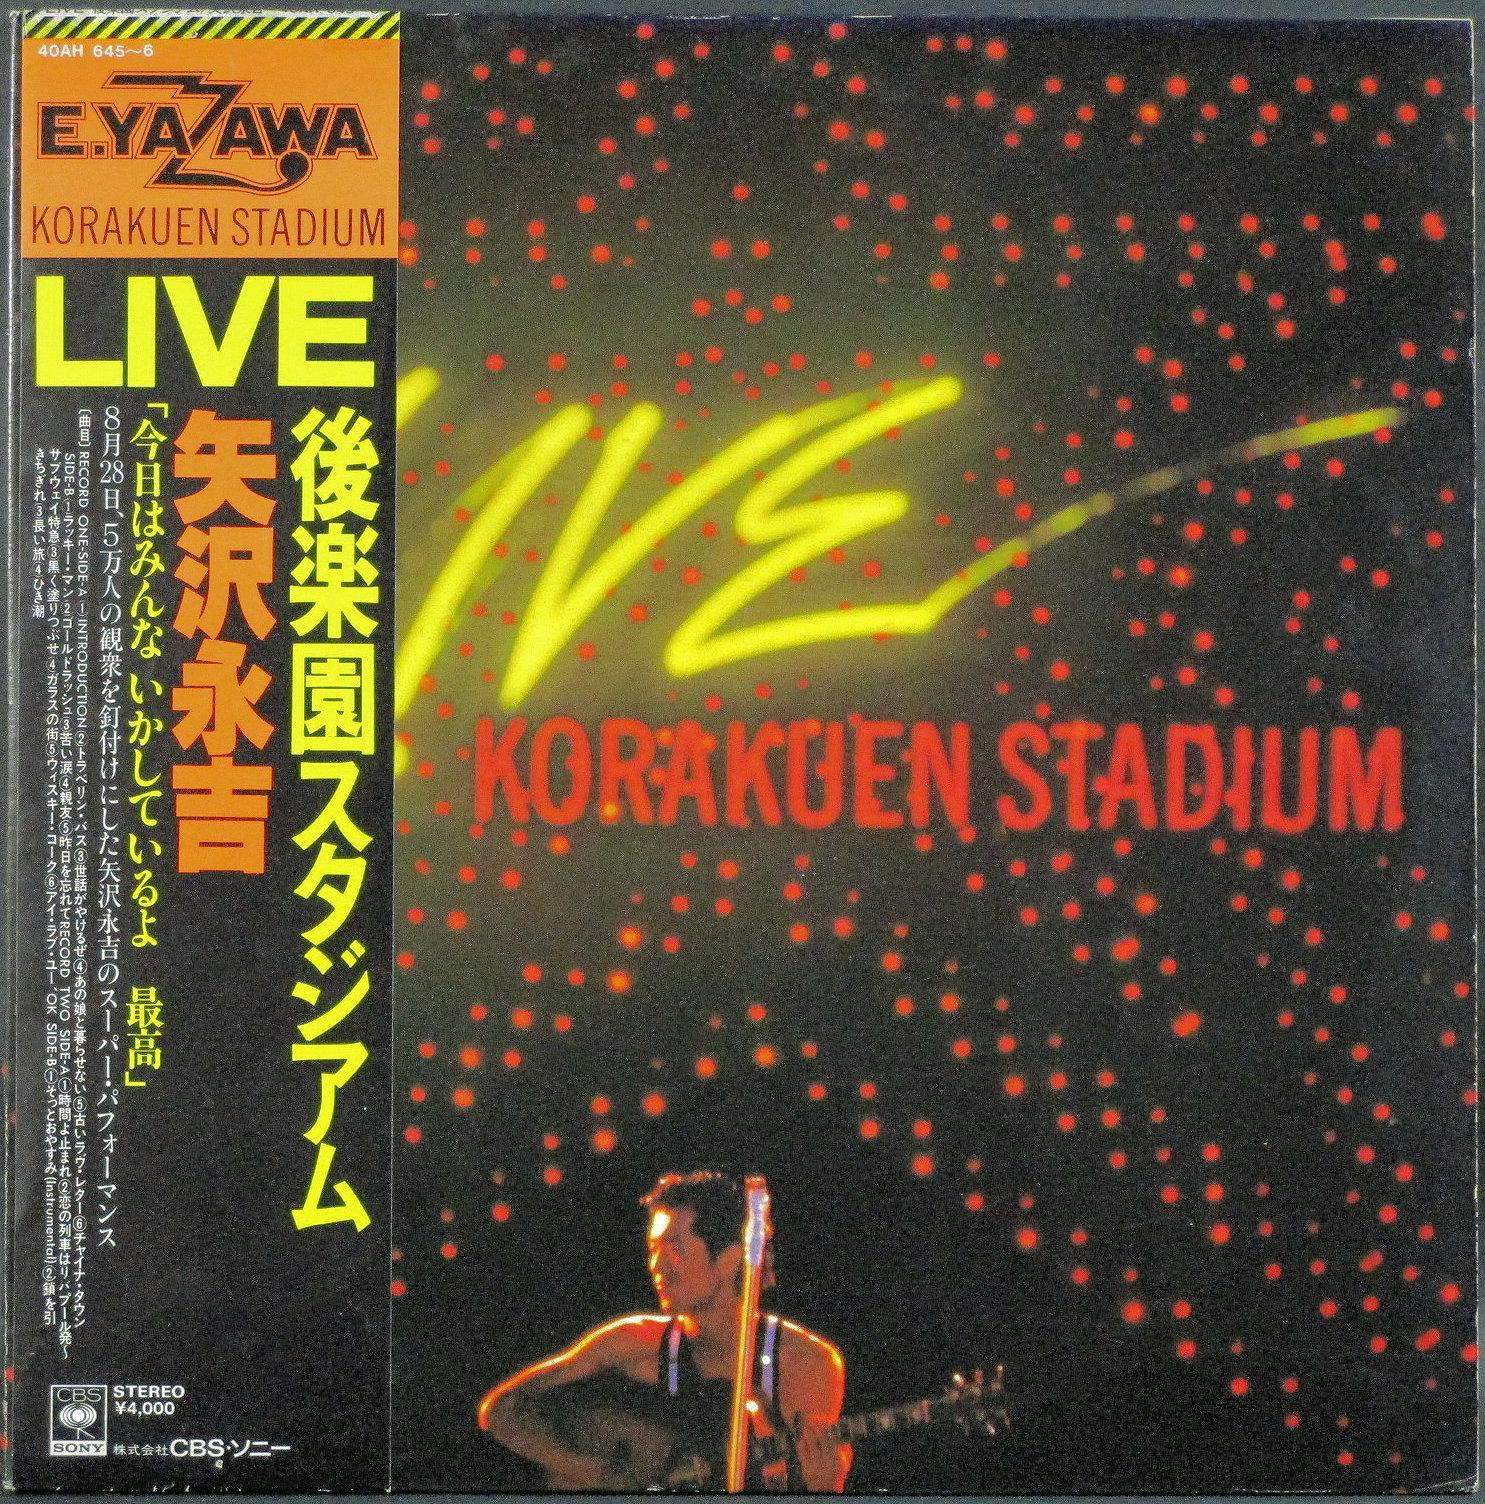 矢沢永吉 Eikichi Yazawa / Live 後楽園スタジアム